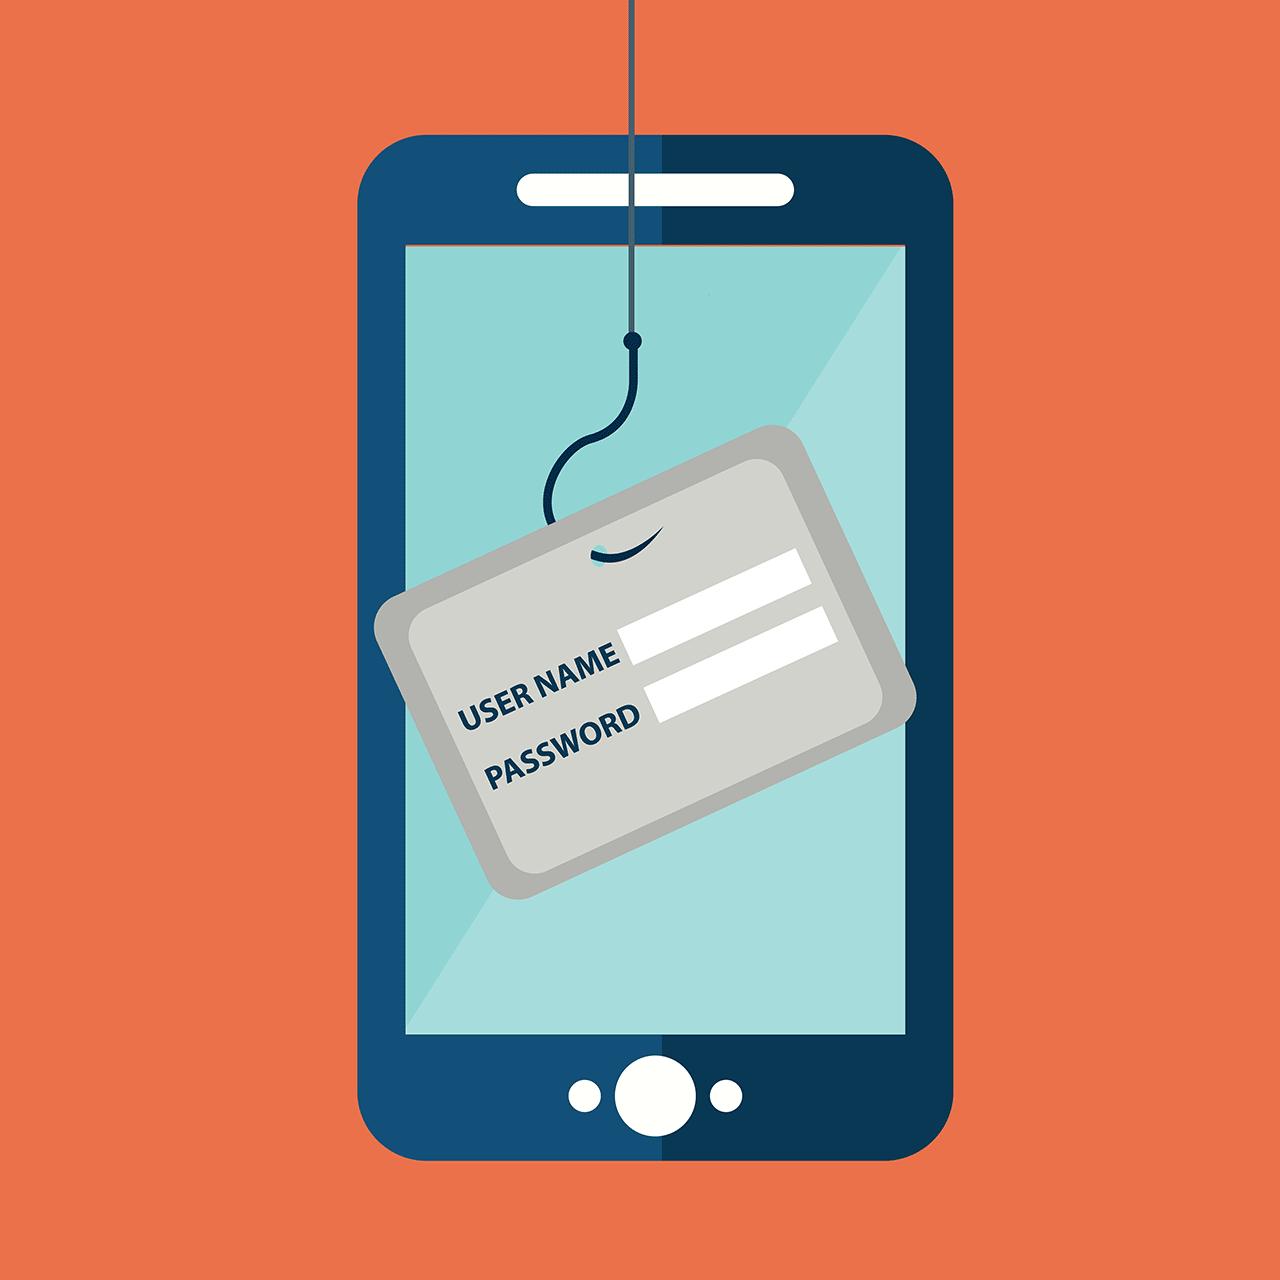 phishing-10x10-FB